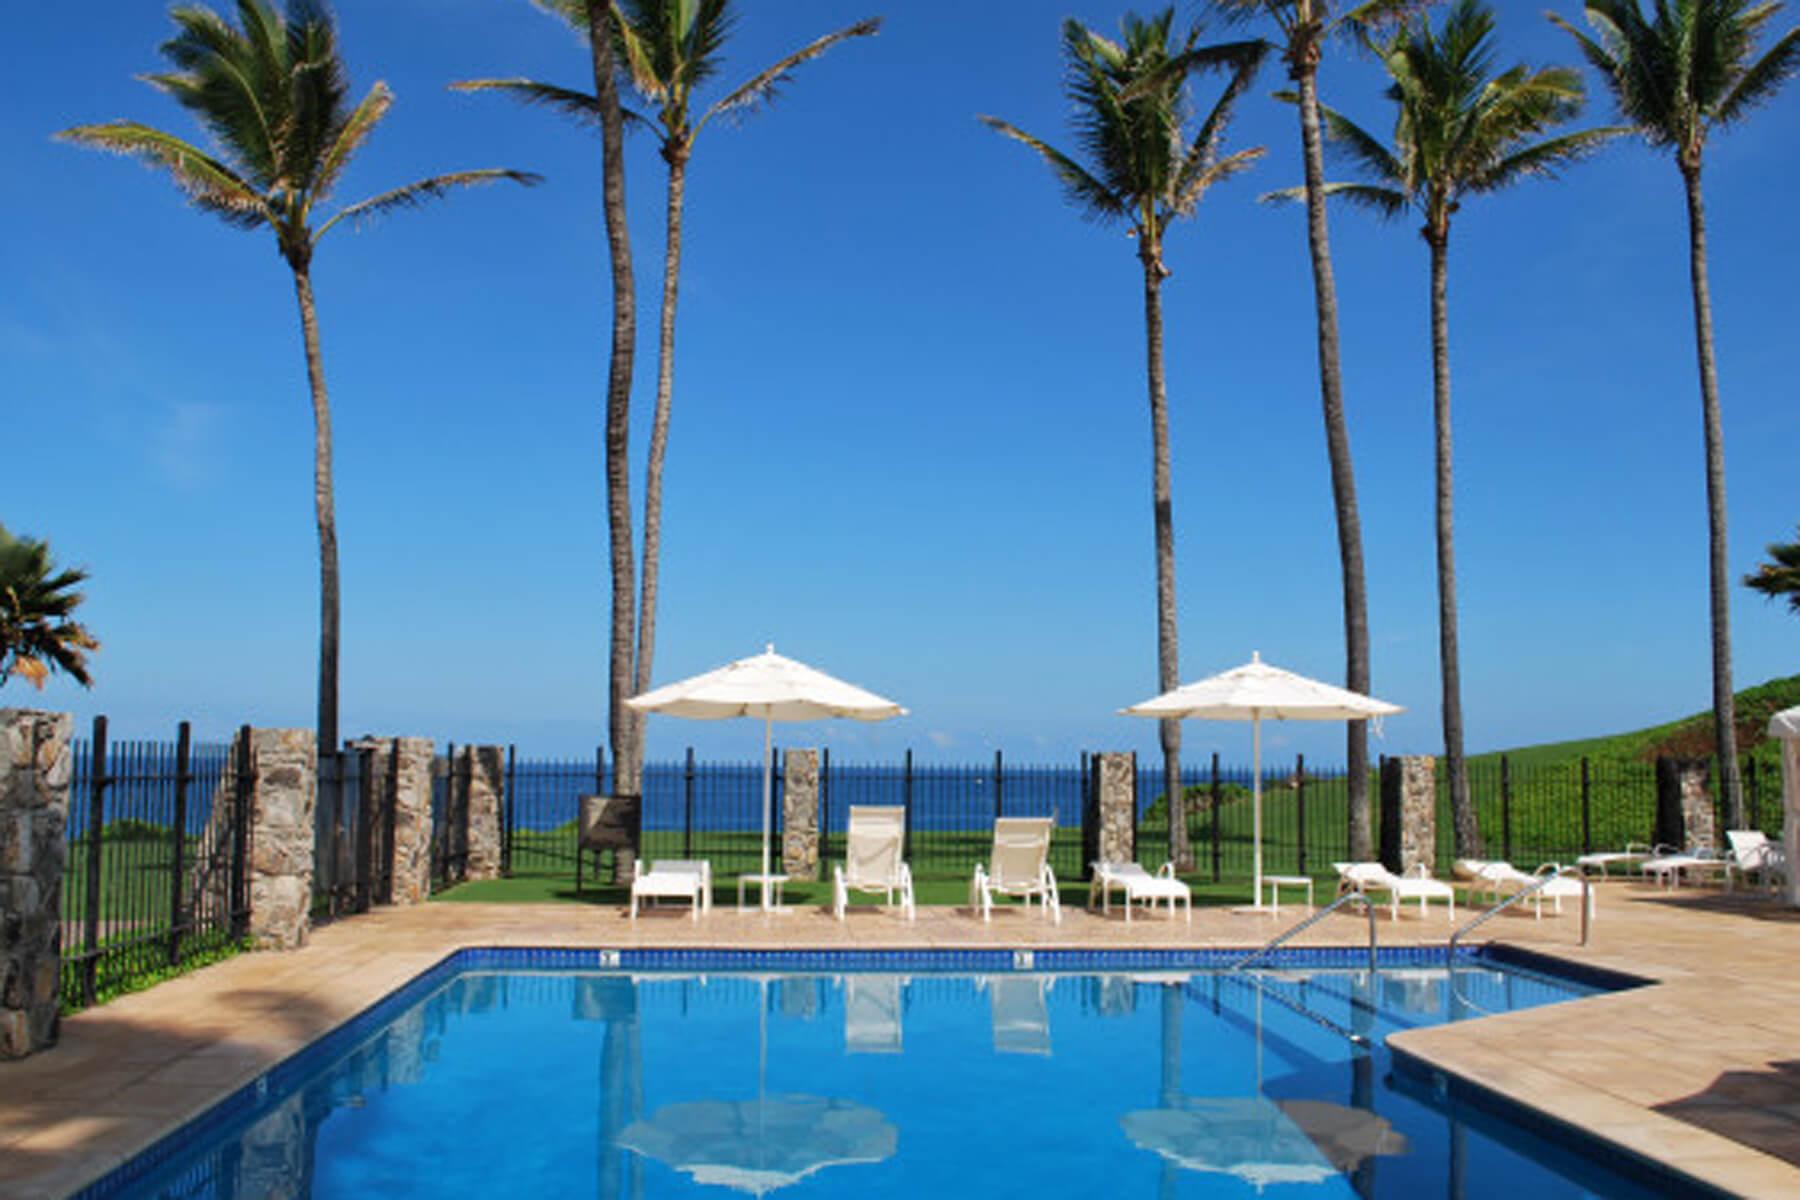 Kapalua Bay Villas Condo Sales Sold Condo Listings